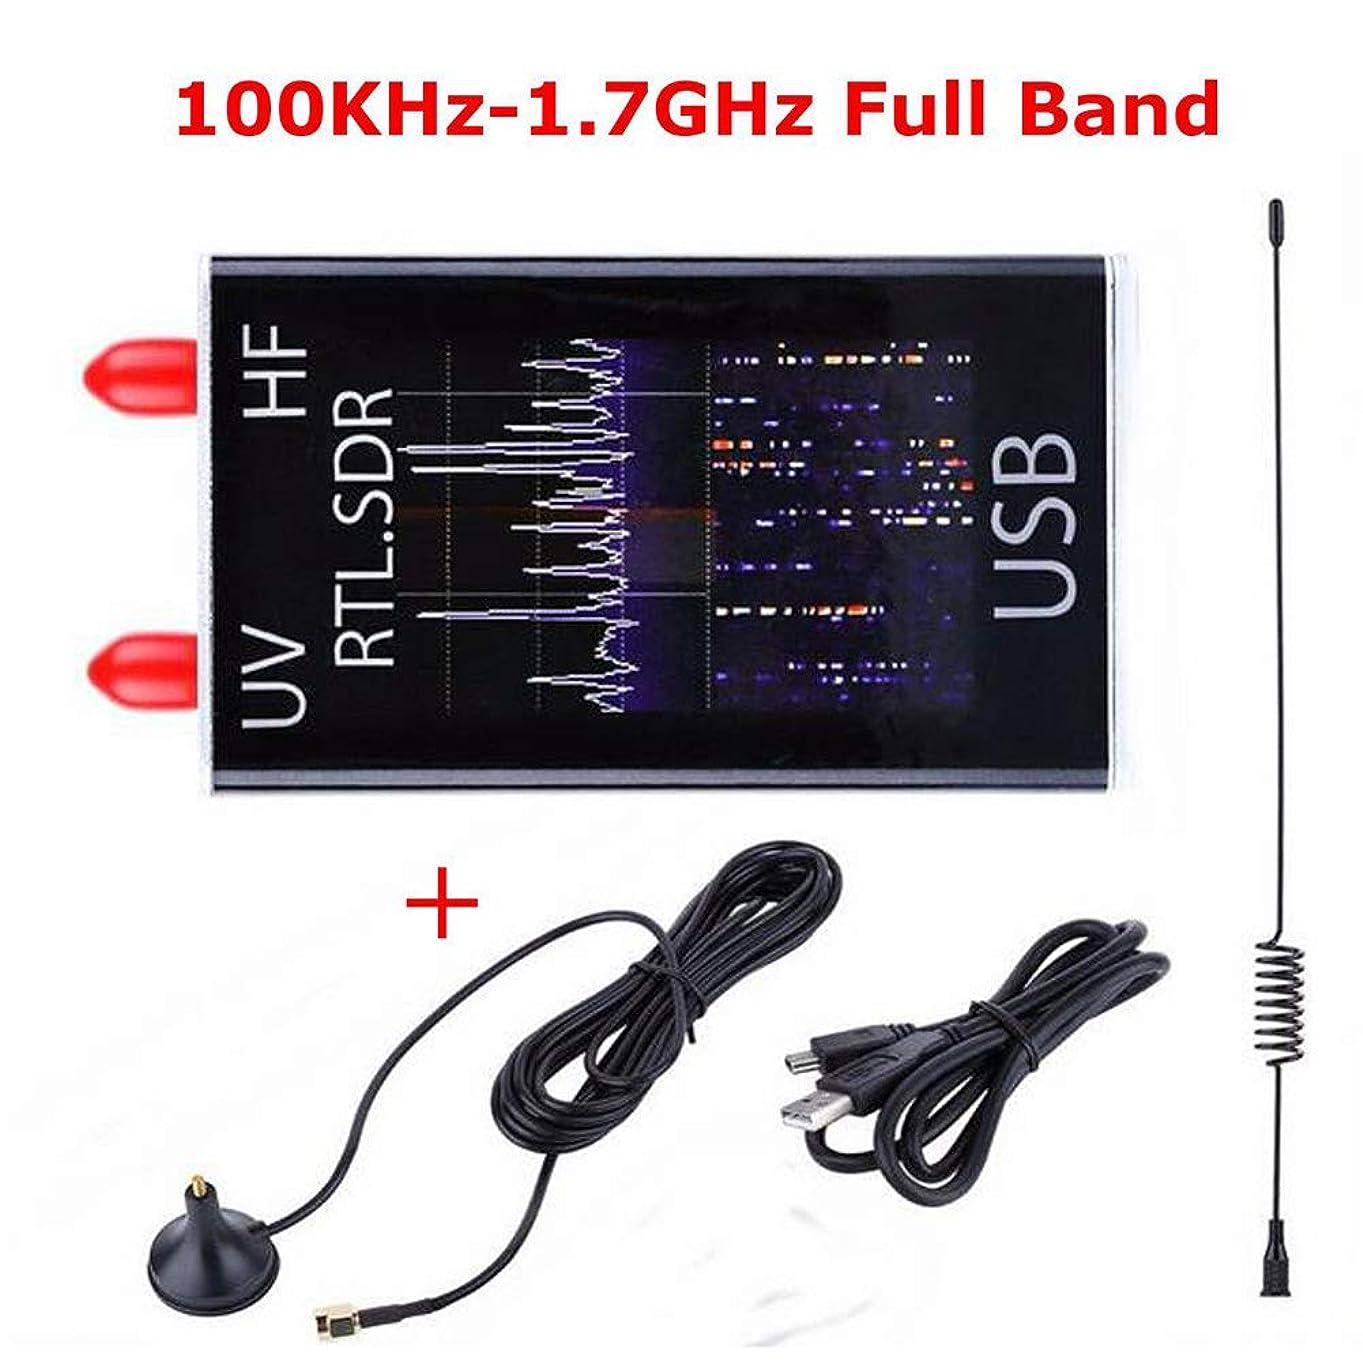 幸運ギャラリーステーキACHICOO 100KHz?1.7GHzフルバンドUV HF RTL-SDR USBチューナーレシーバ/ R820T + 8232ハムラジオ